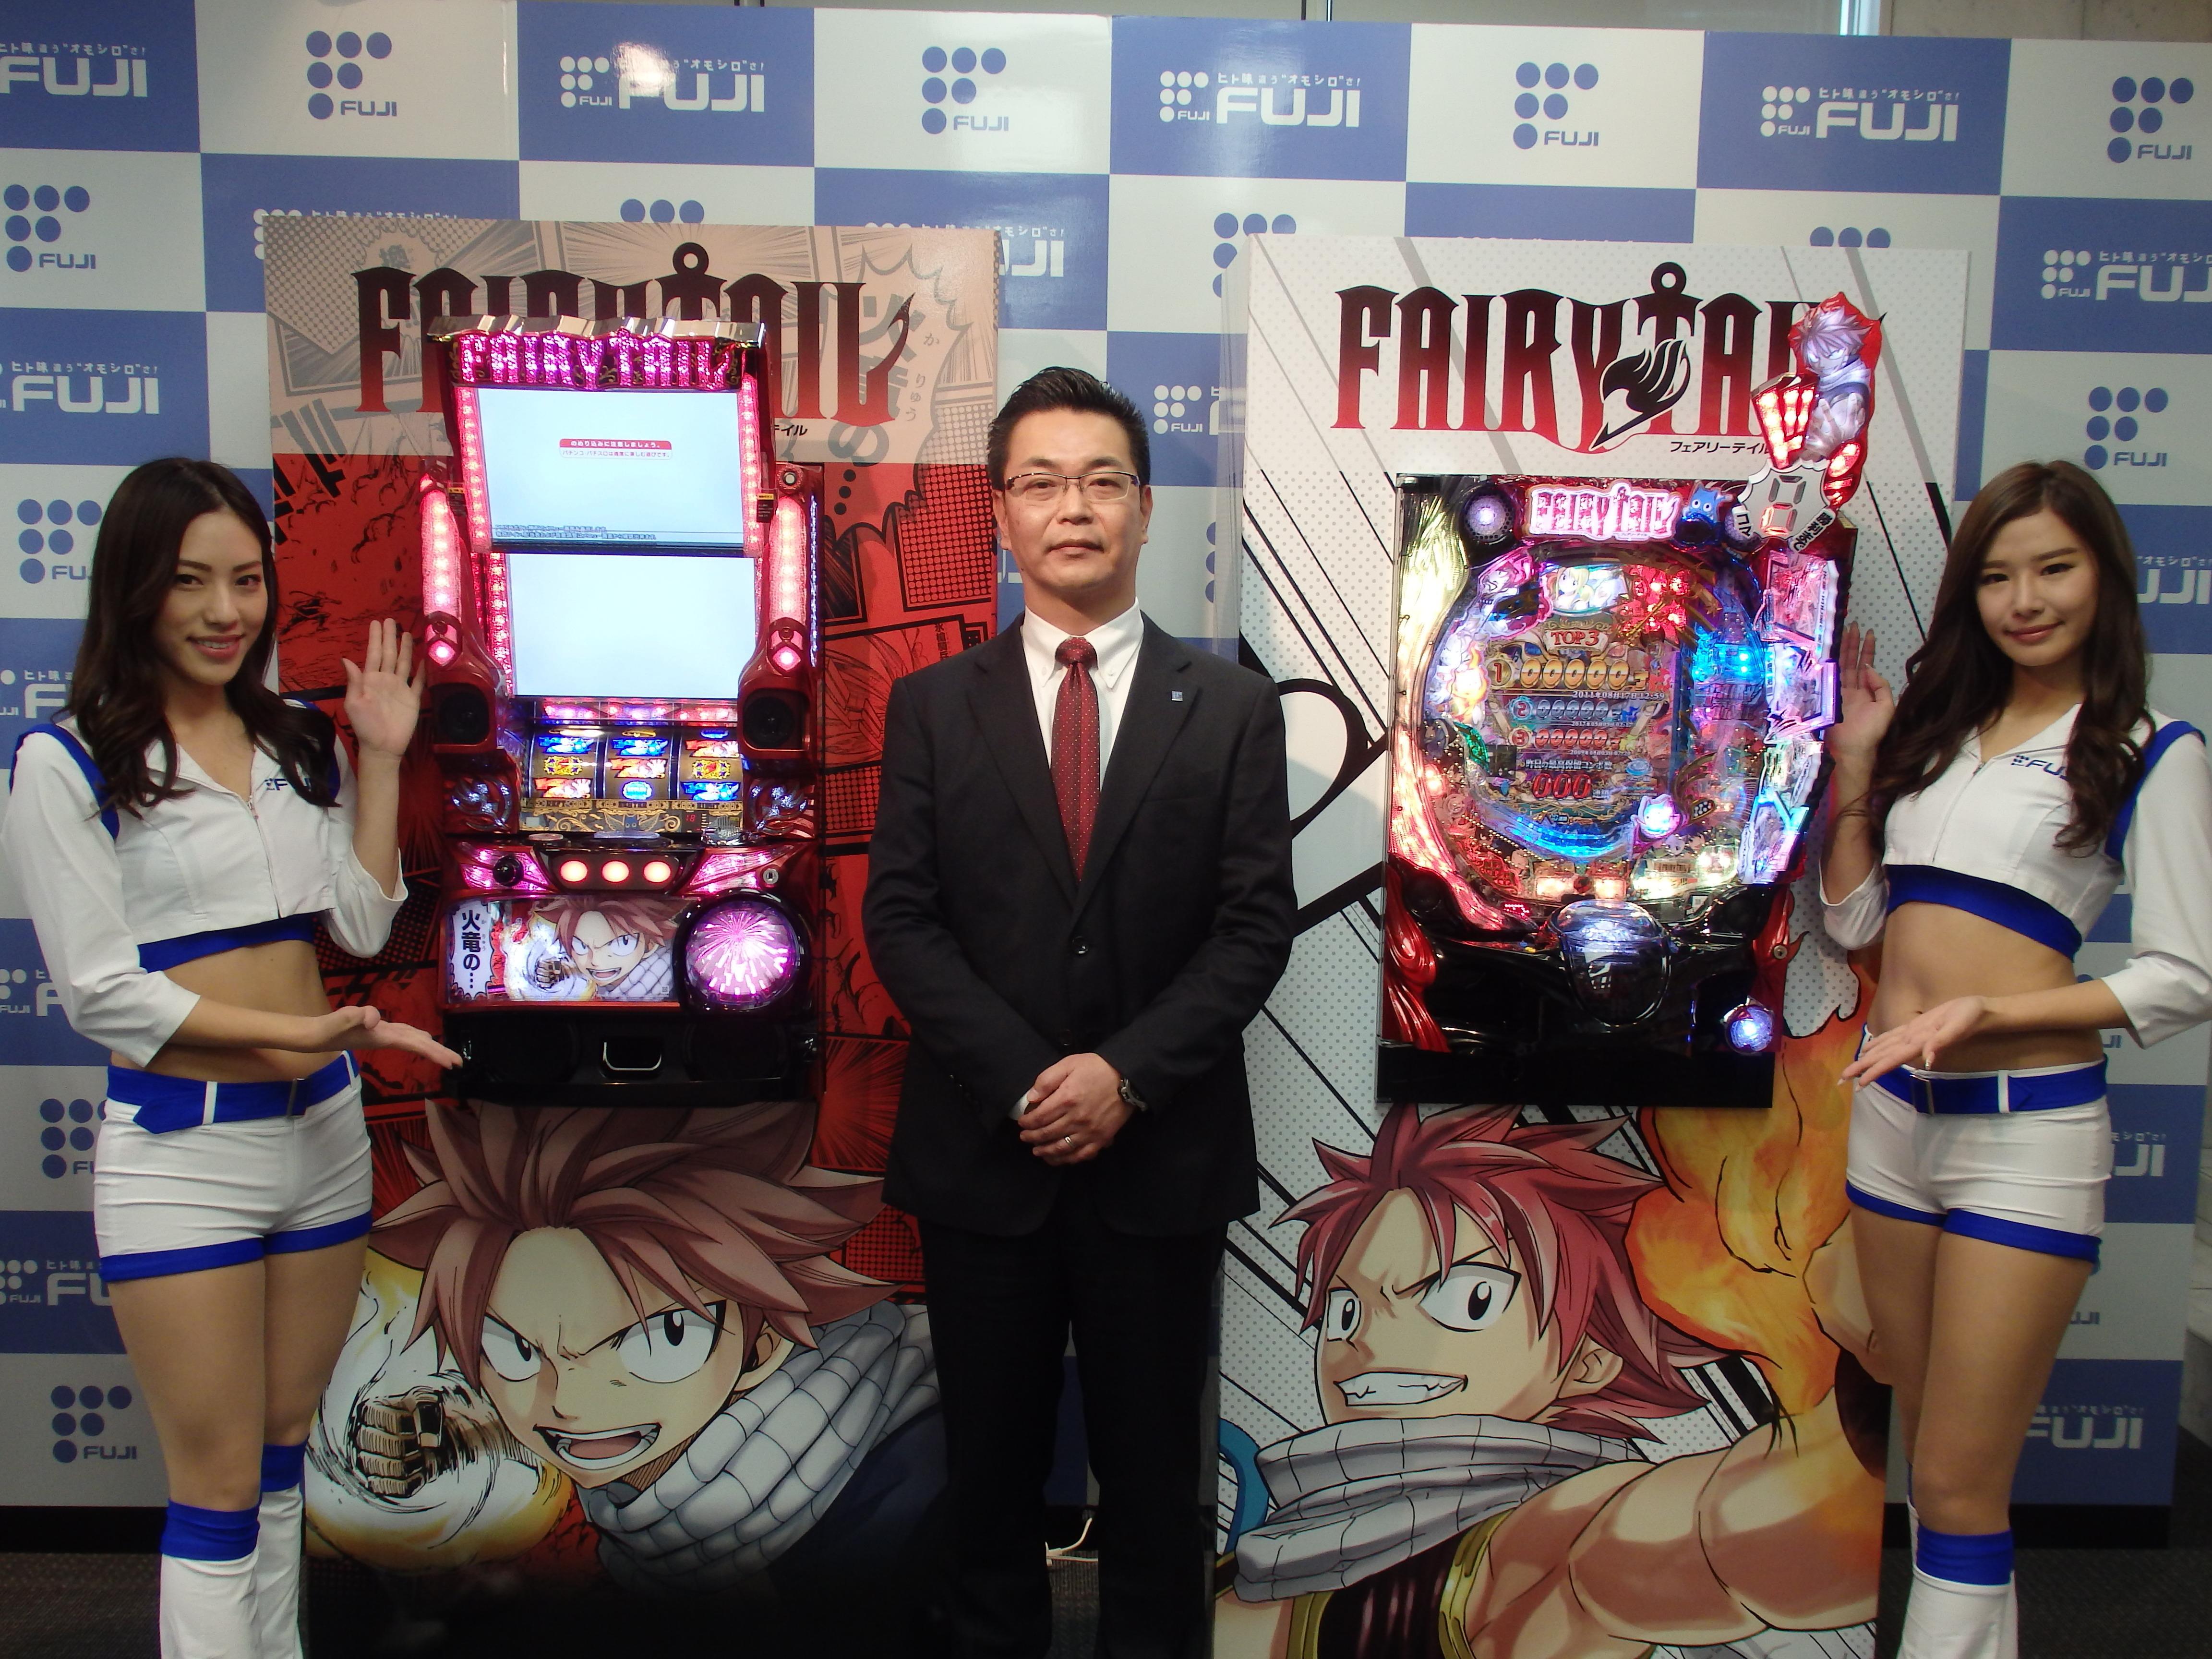 世界的人気コミックスがパチンコ化 新機種『CR FAIRY TAIL』プレス発表会